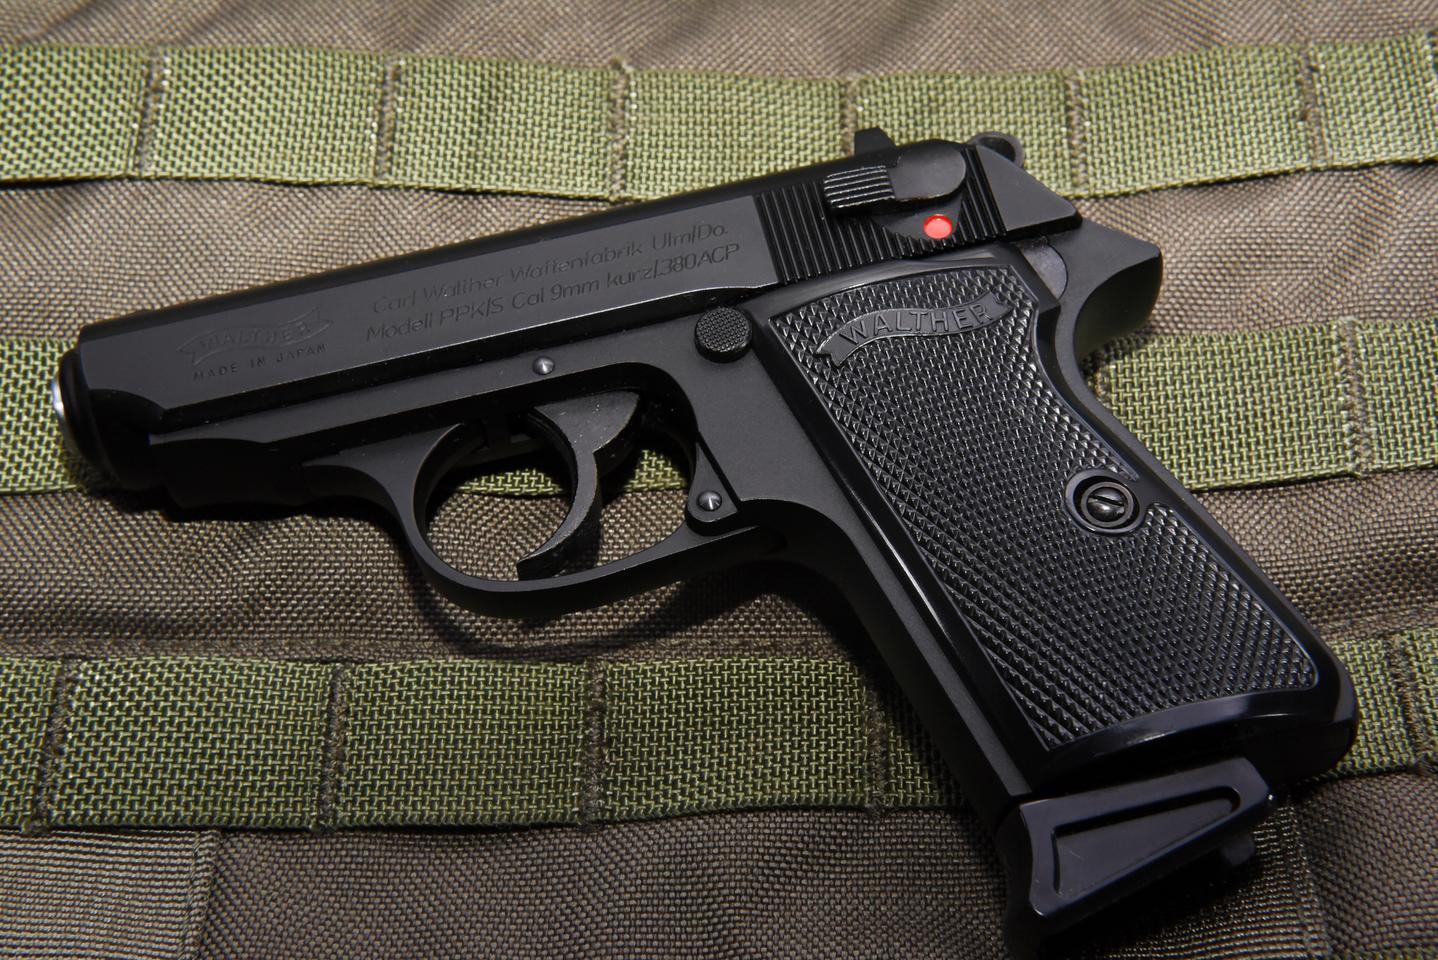 Die Walther PPK wurde 1930 eingeführt